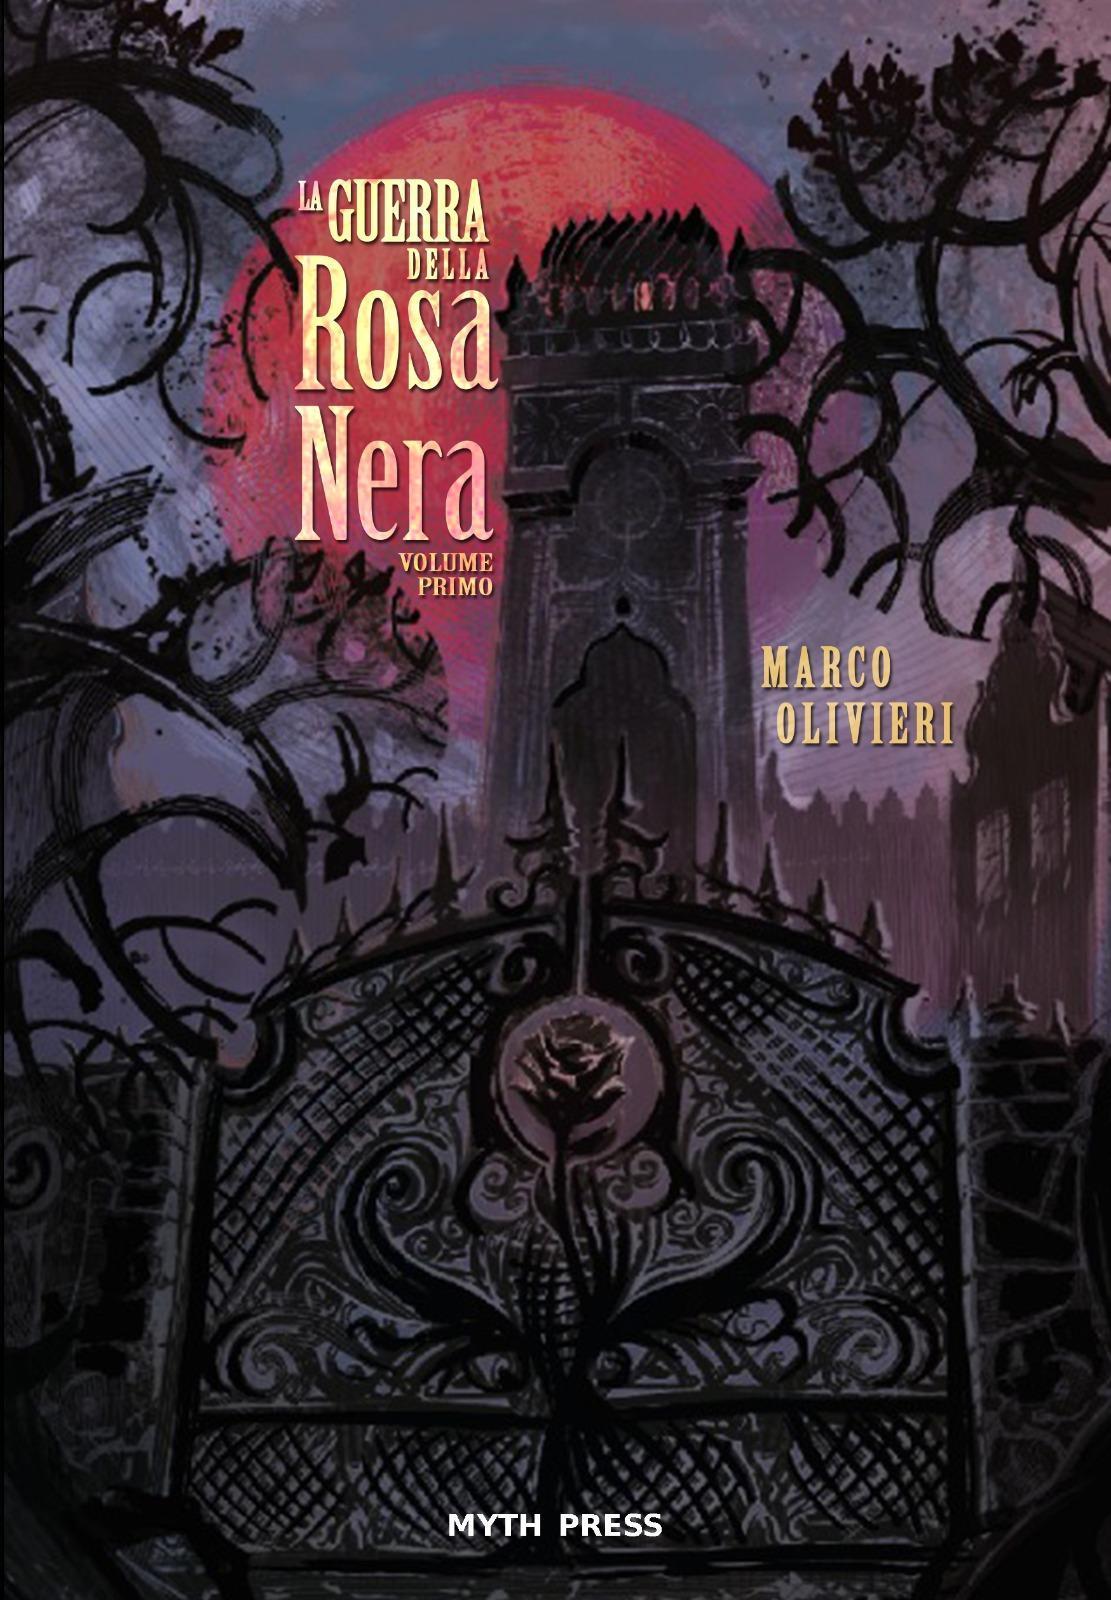 Guerra della Rosa Nera_Volume Primo_Cover.jpg